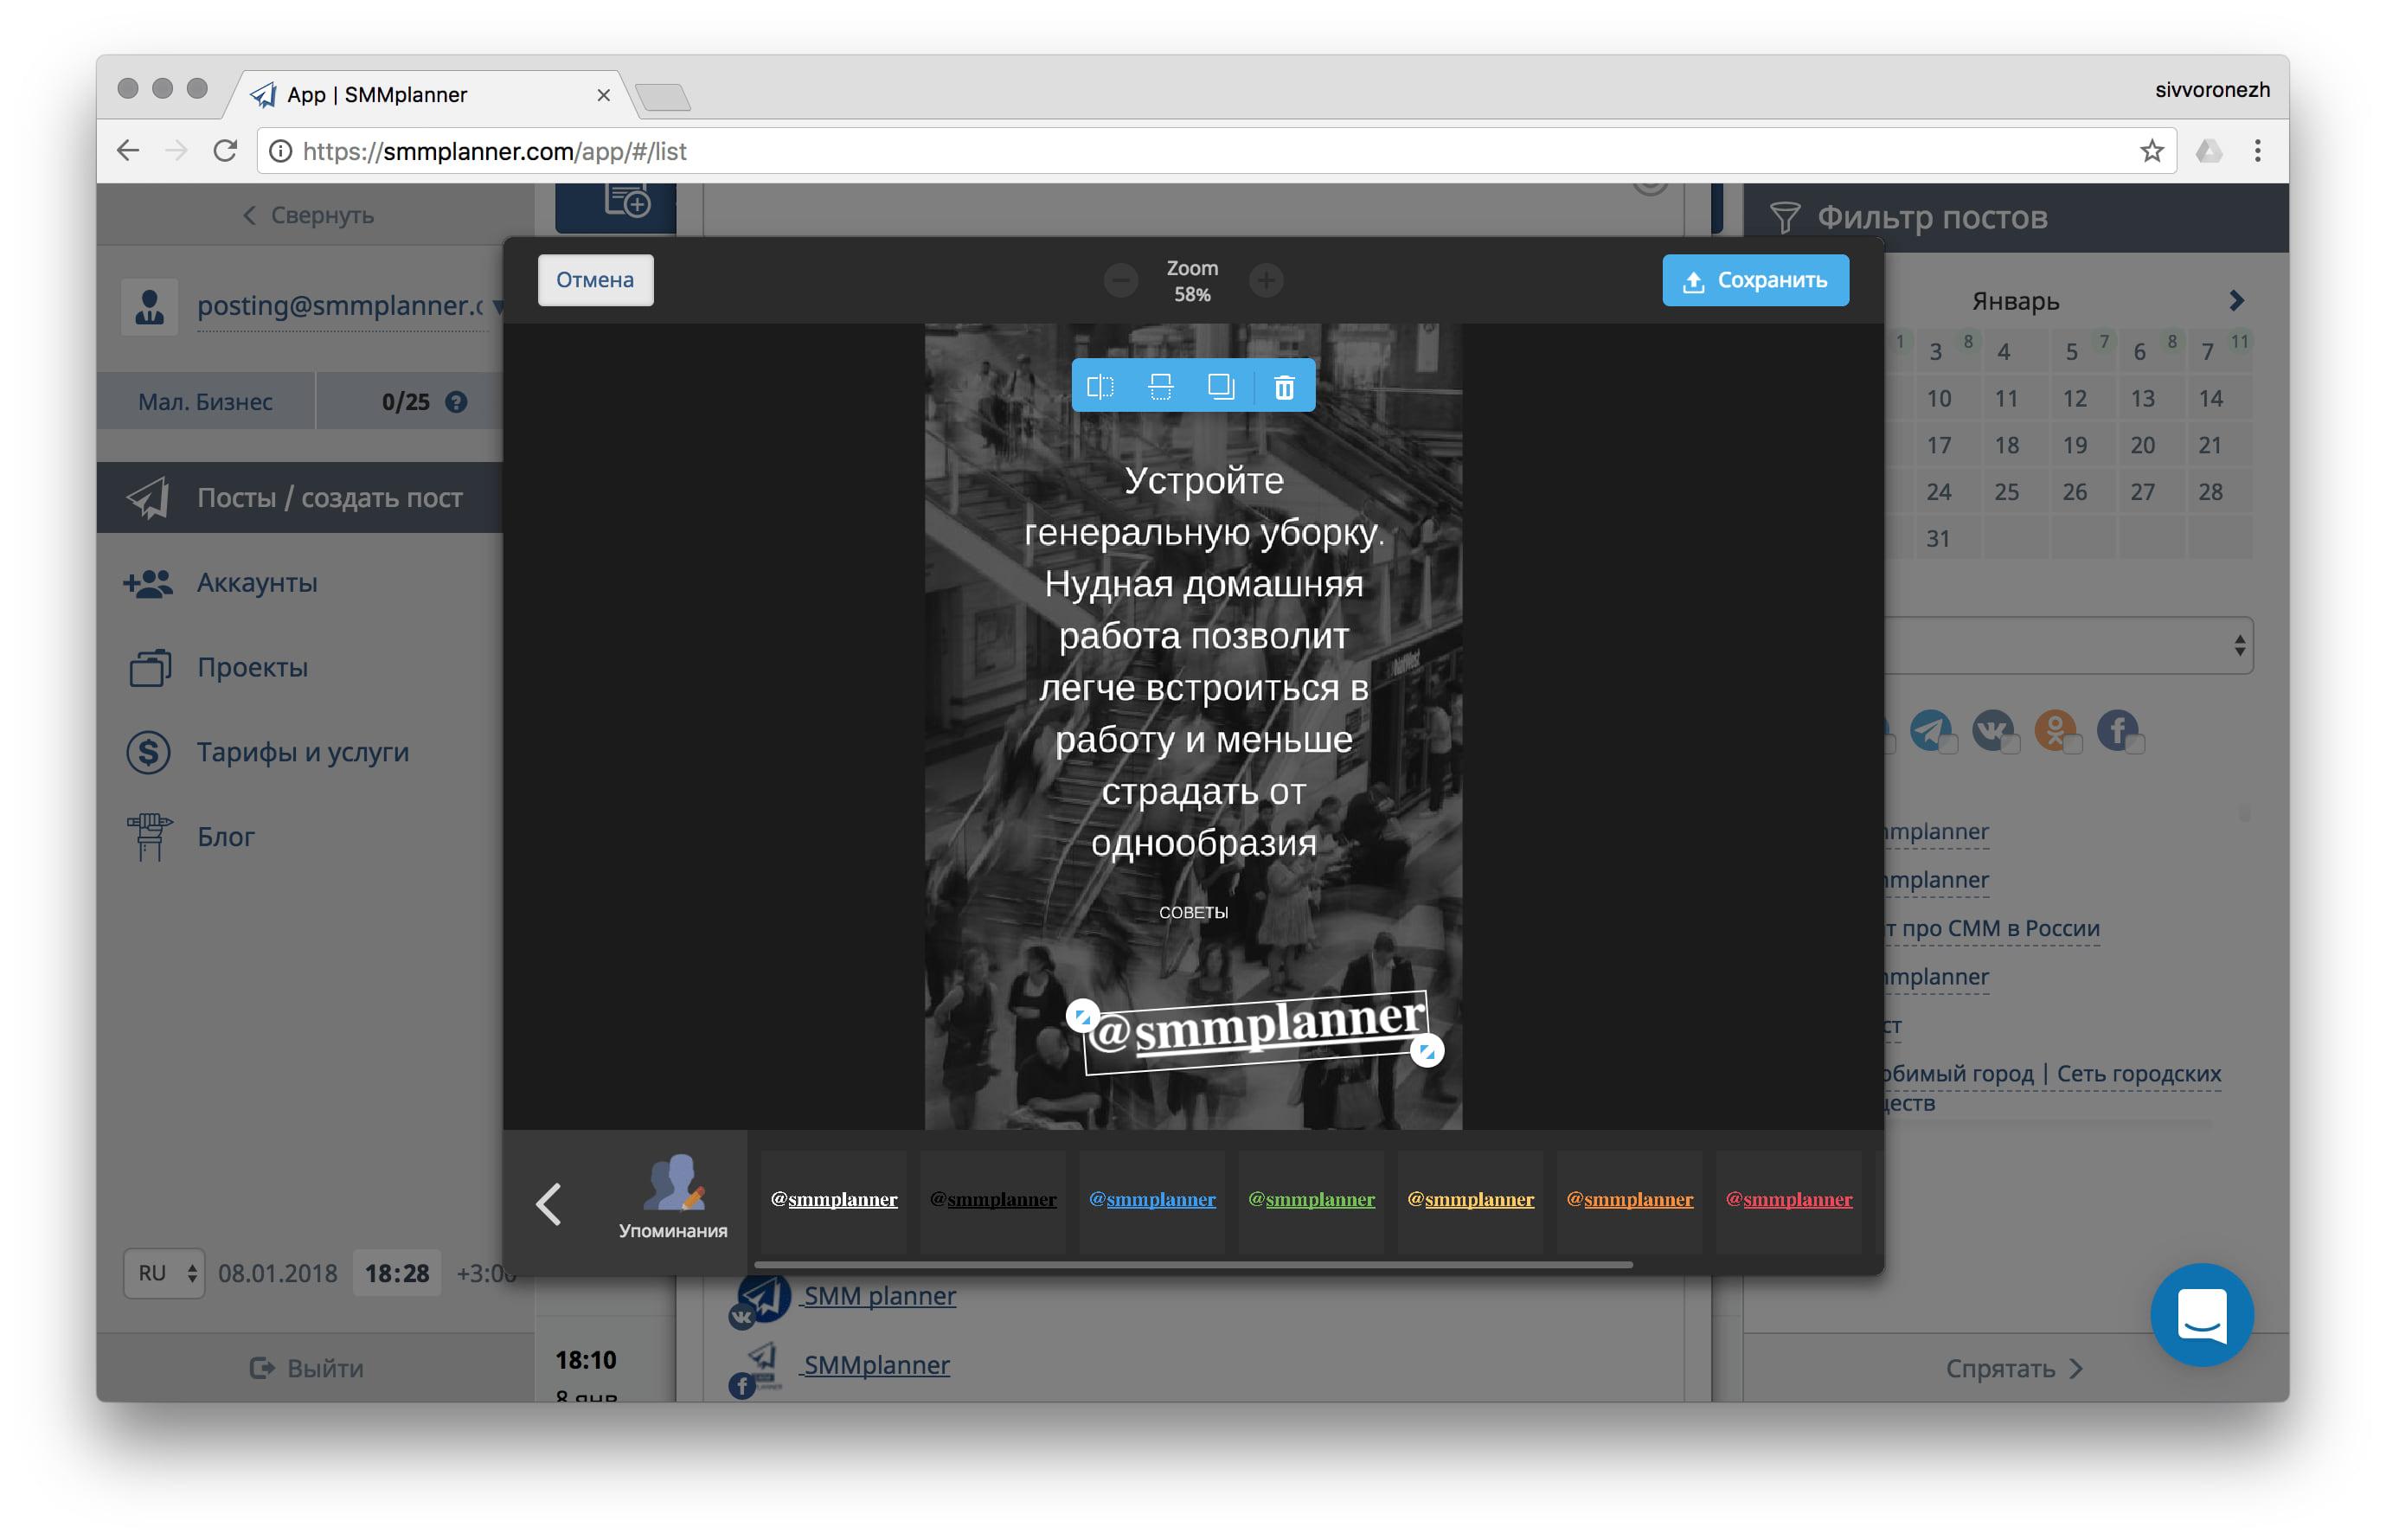 Пусть на слайде будет отметка вашего собственного аккаунта, чтобы те, кто смотрит Истории по хэштегу, смогли перейти и подписаться